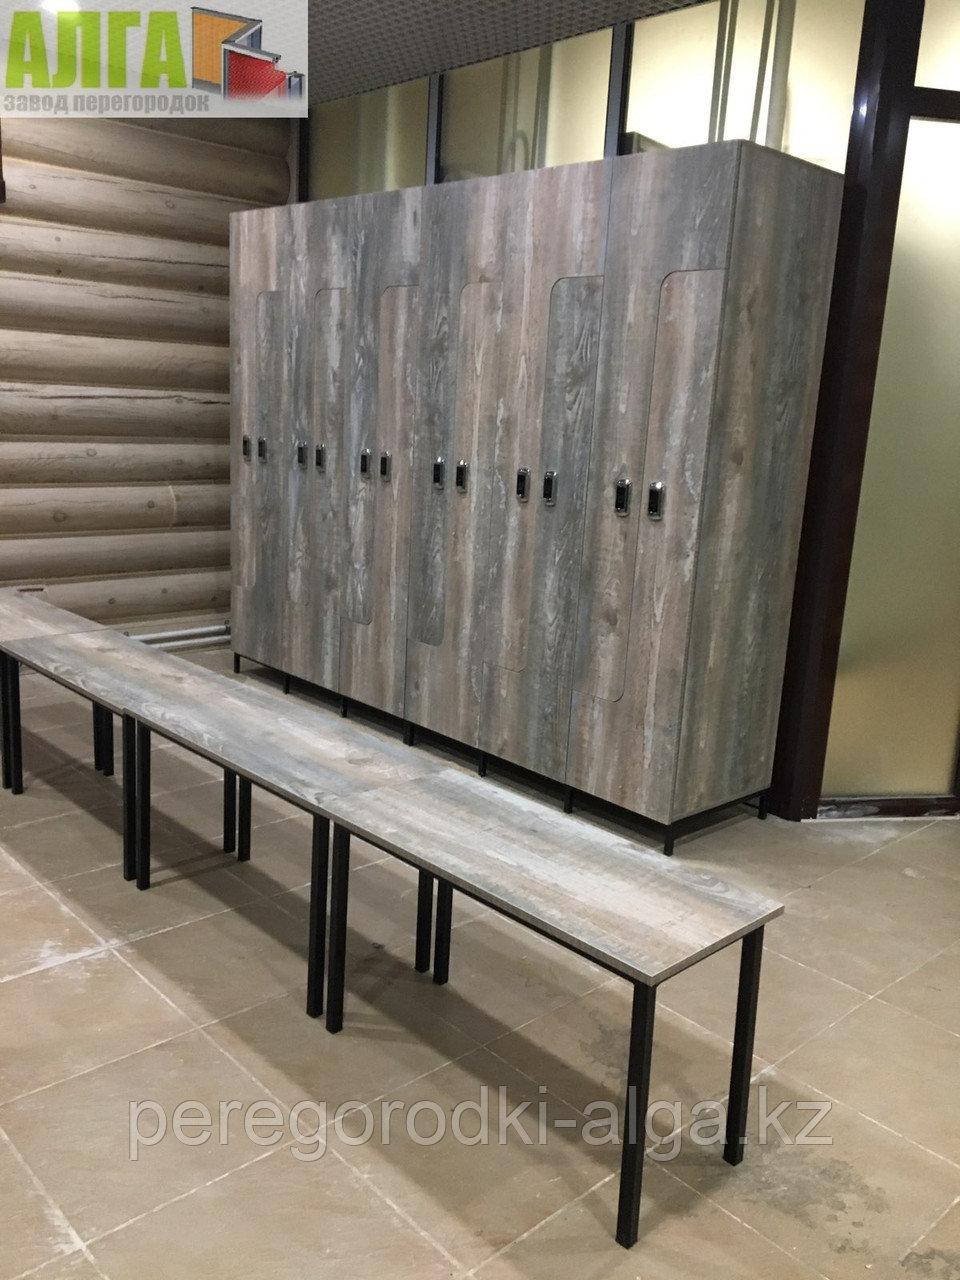 Шкафчики для одежды 6-секционные 12-местные